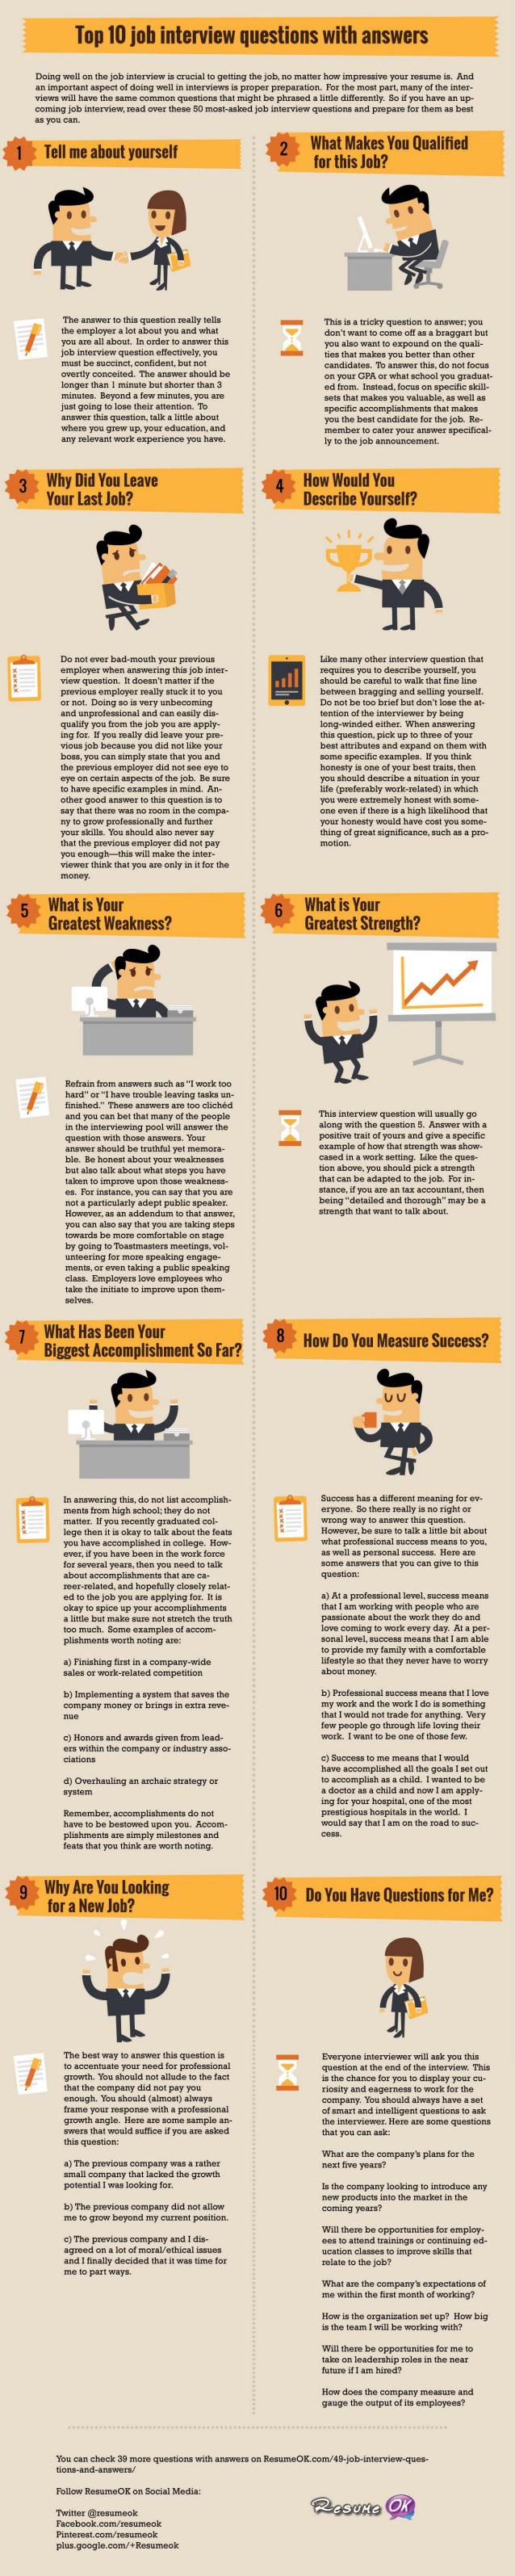 top 10 preguntas en una entrevista trabajo y sus respuestas infografia infographic empleo interview helpinterview questions and answersinterview